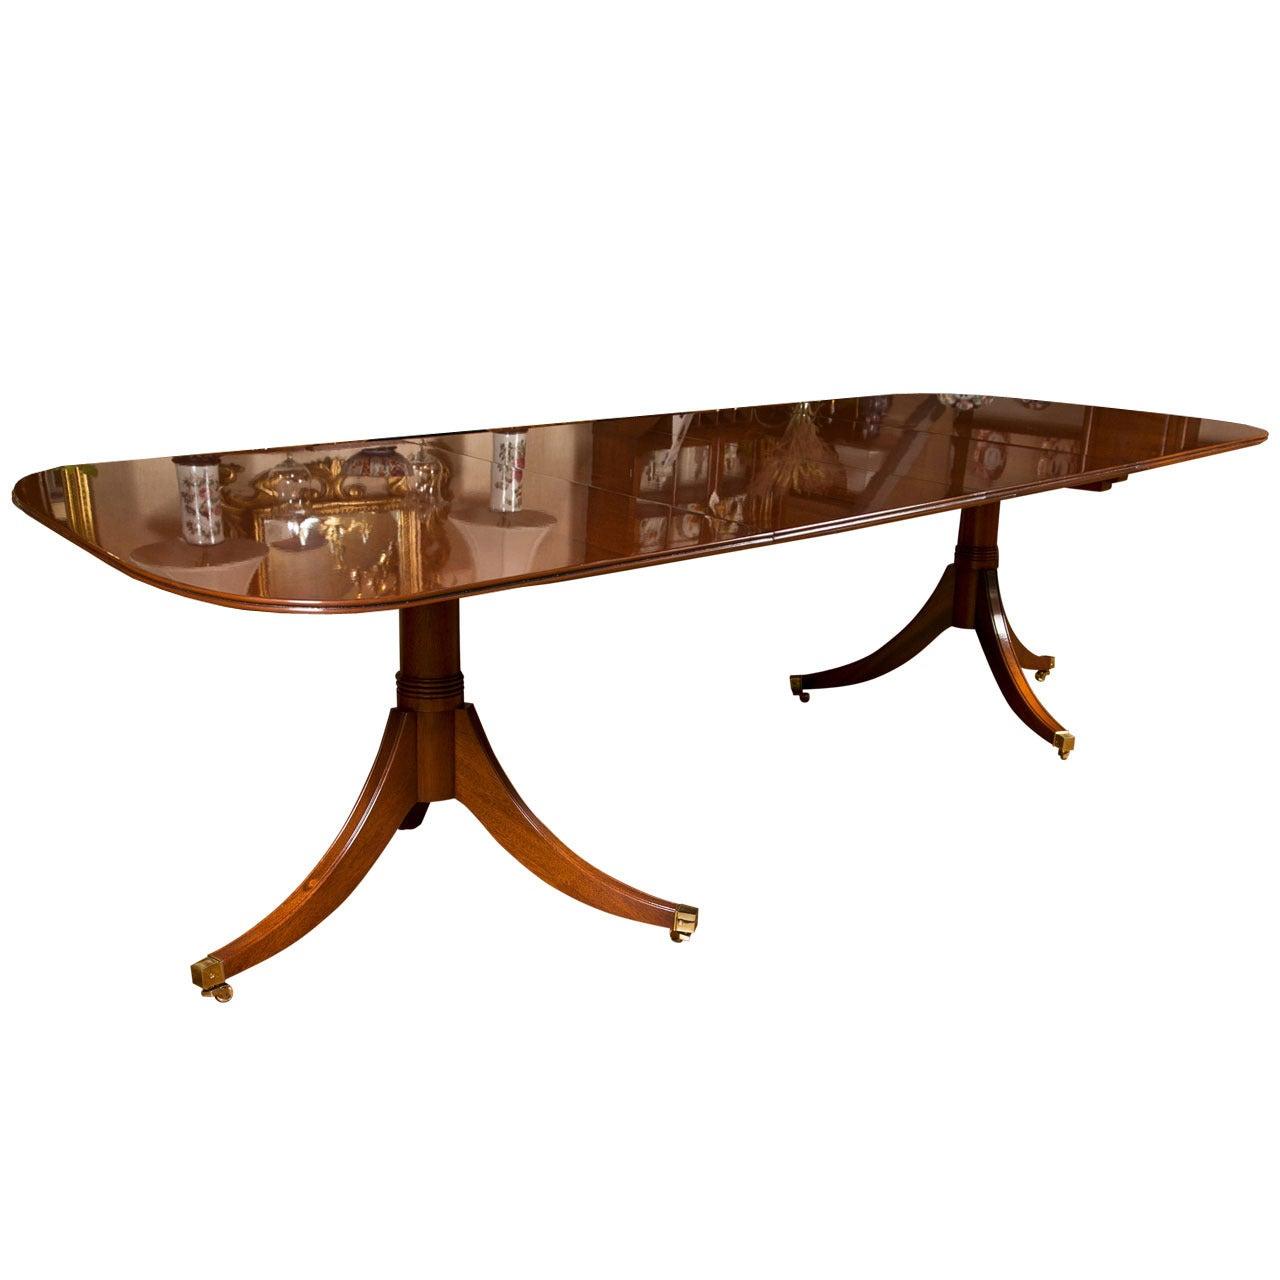 Custom Mahogany Double Pedestal Dining Table